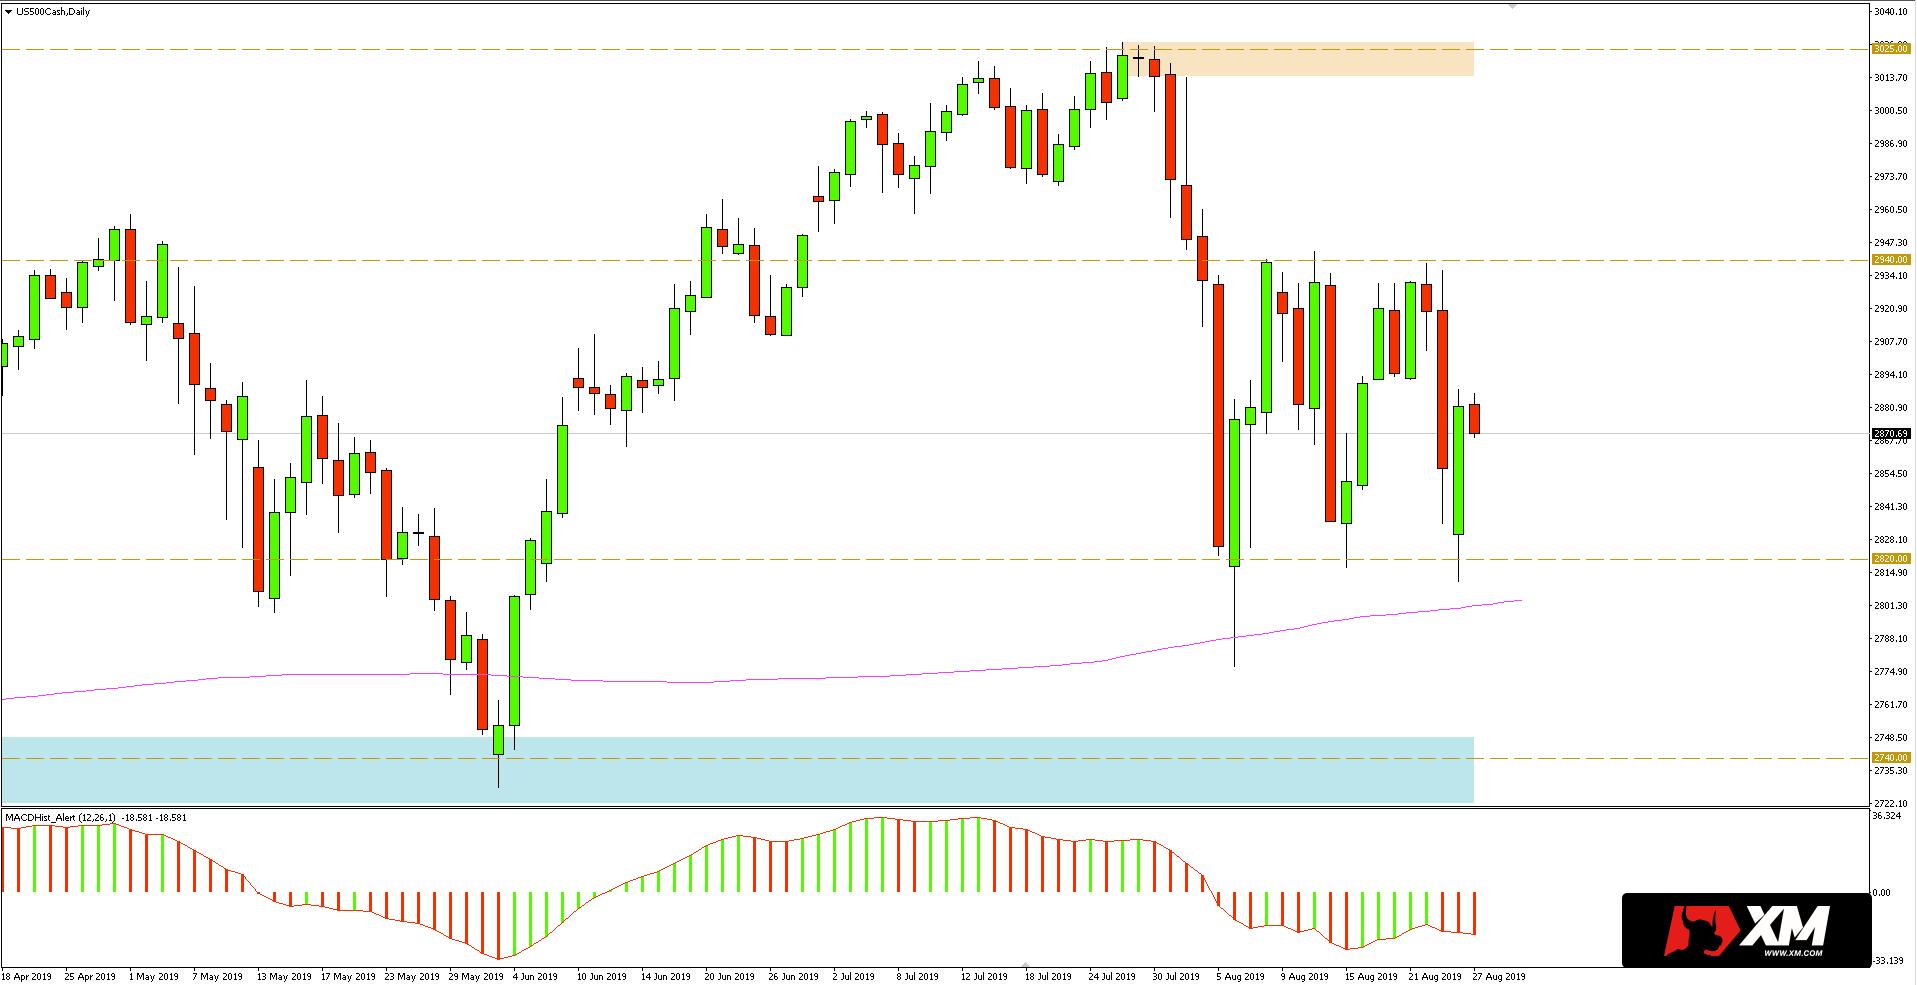 Notowania indeksu S&P 500 - wykres dzienny - 27 sierpnia 2019